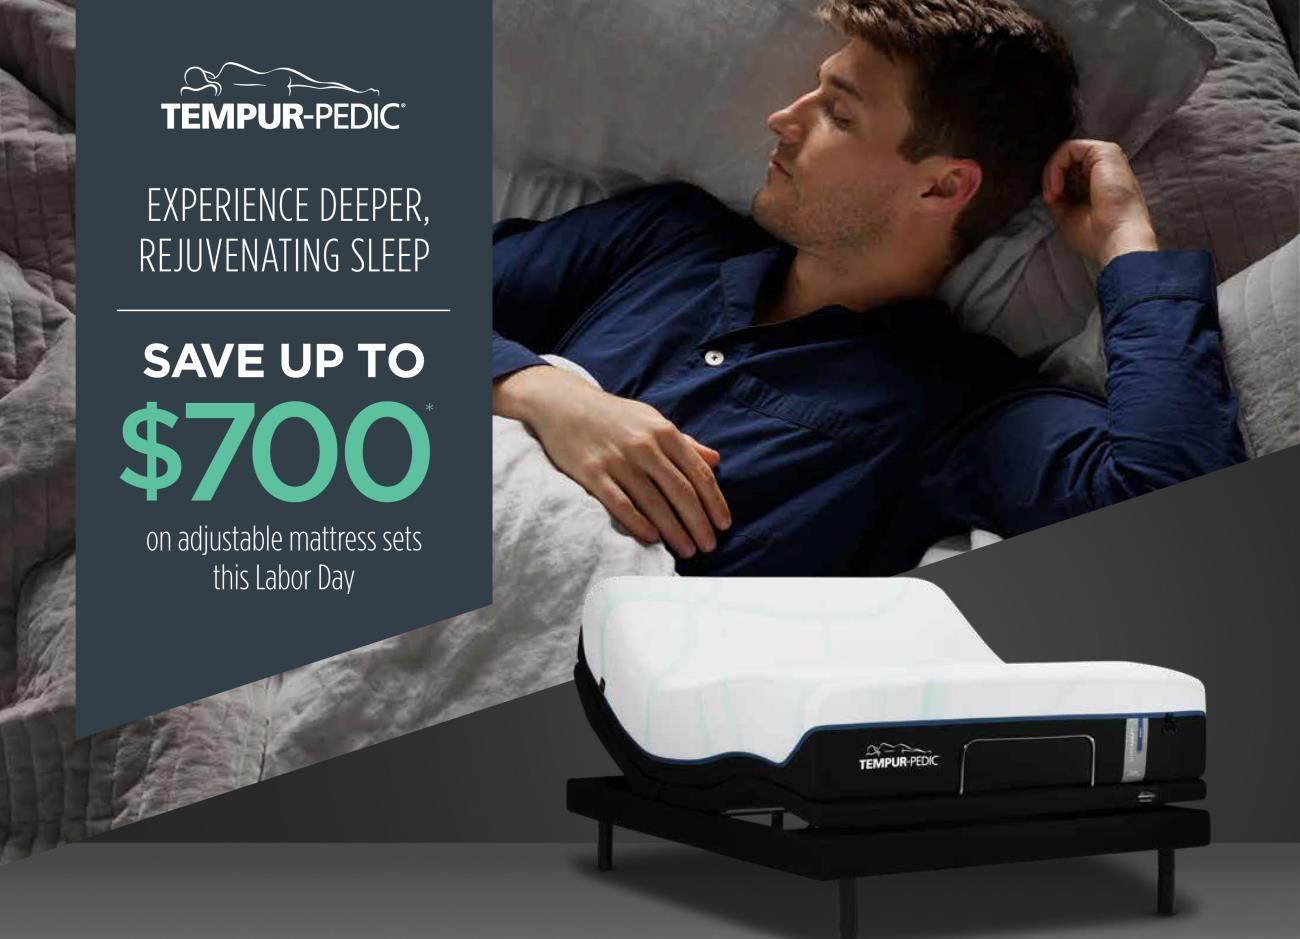 Tempur-Pedic save up to $700!!!